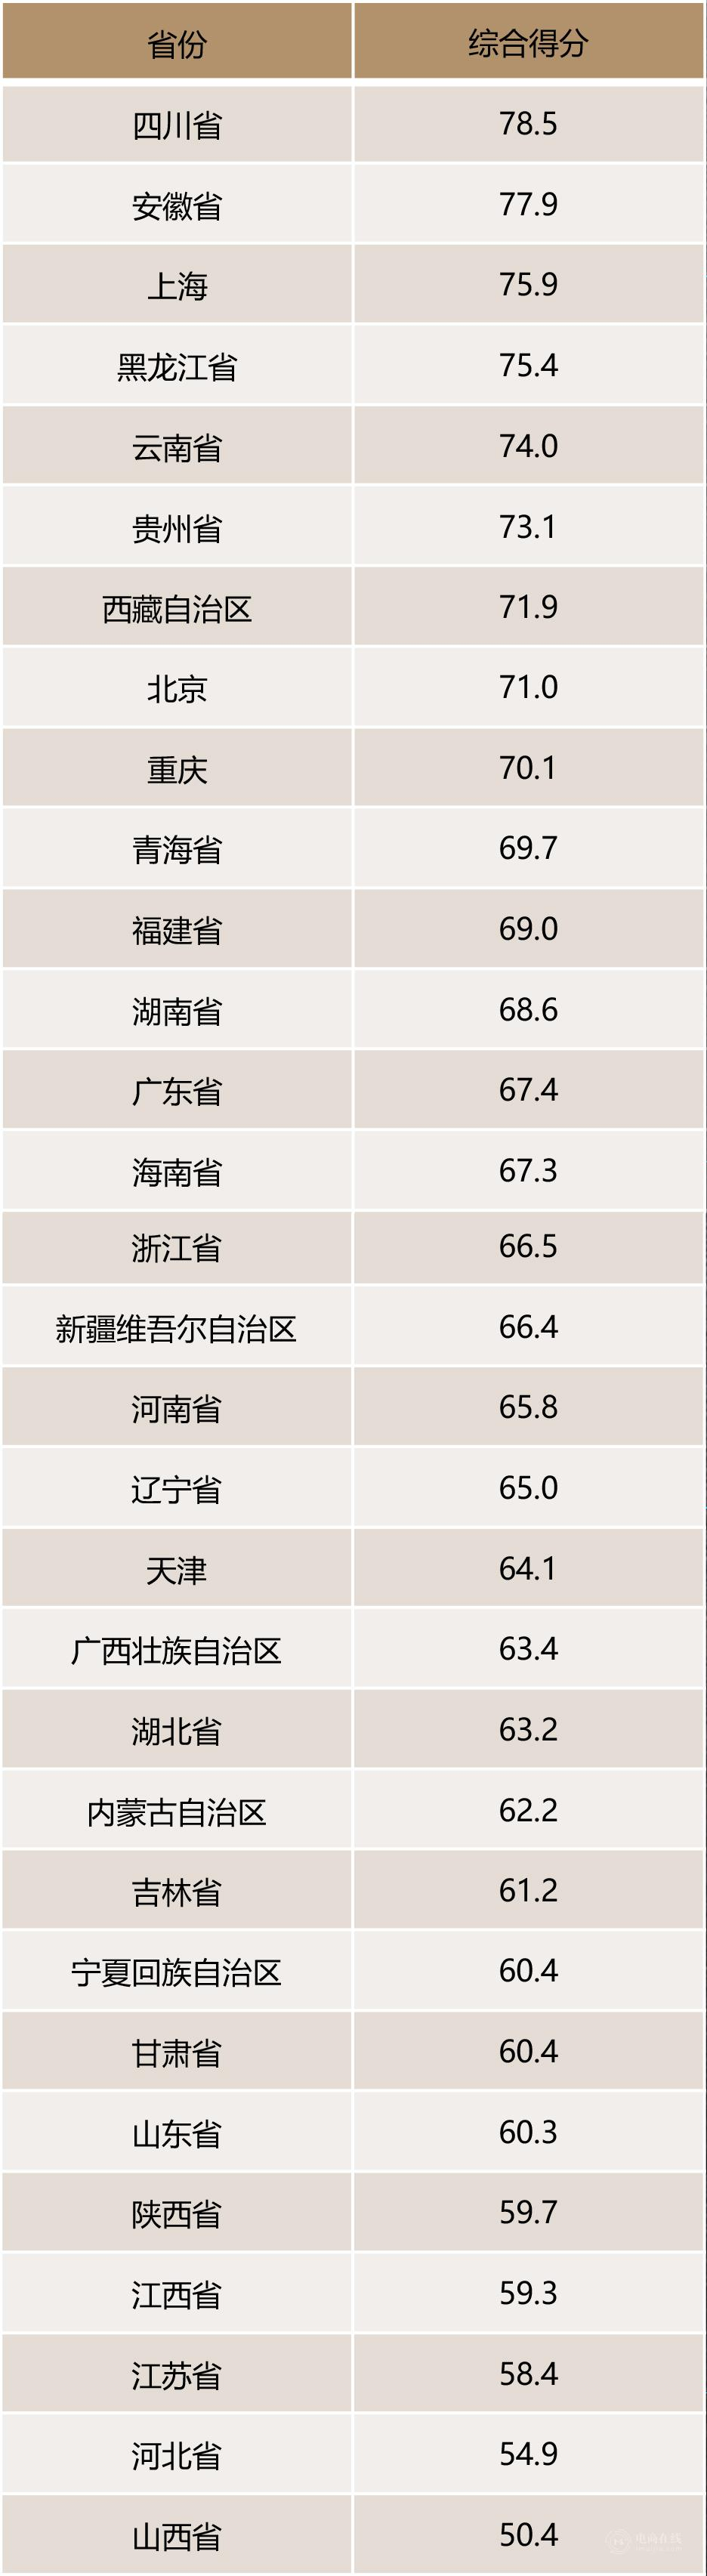 各省酒水消費排名.jpg